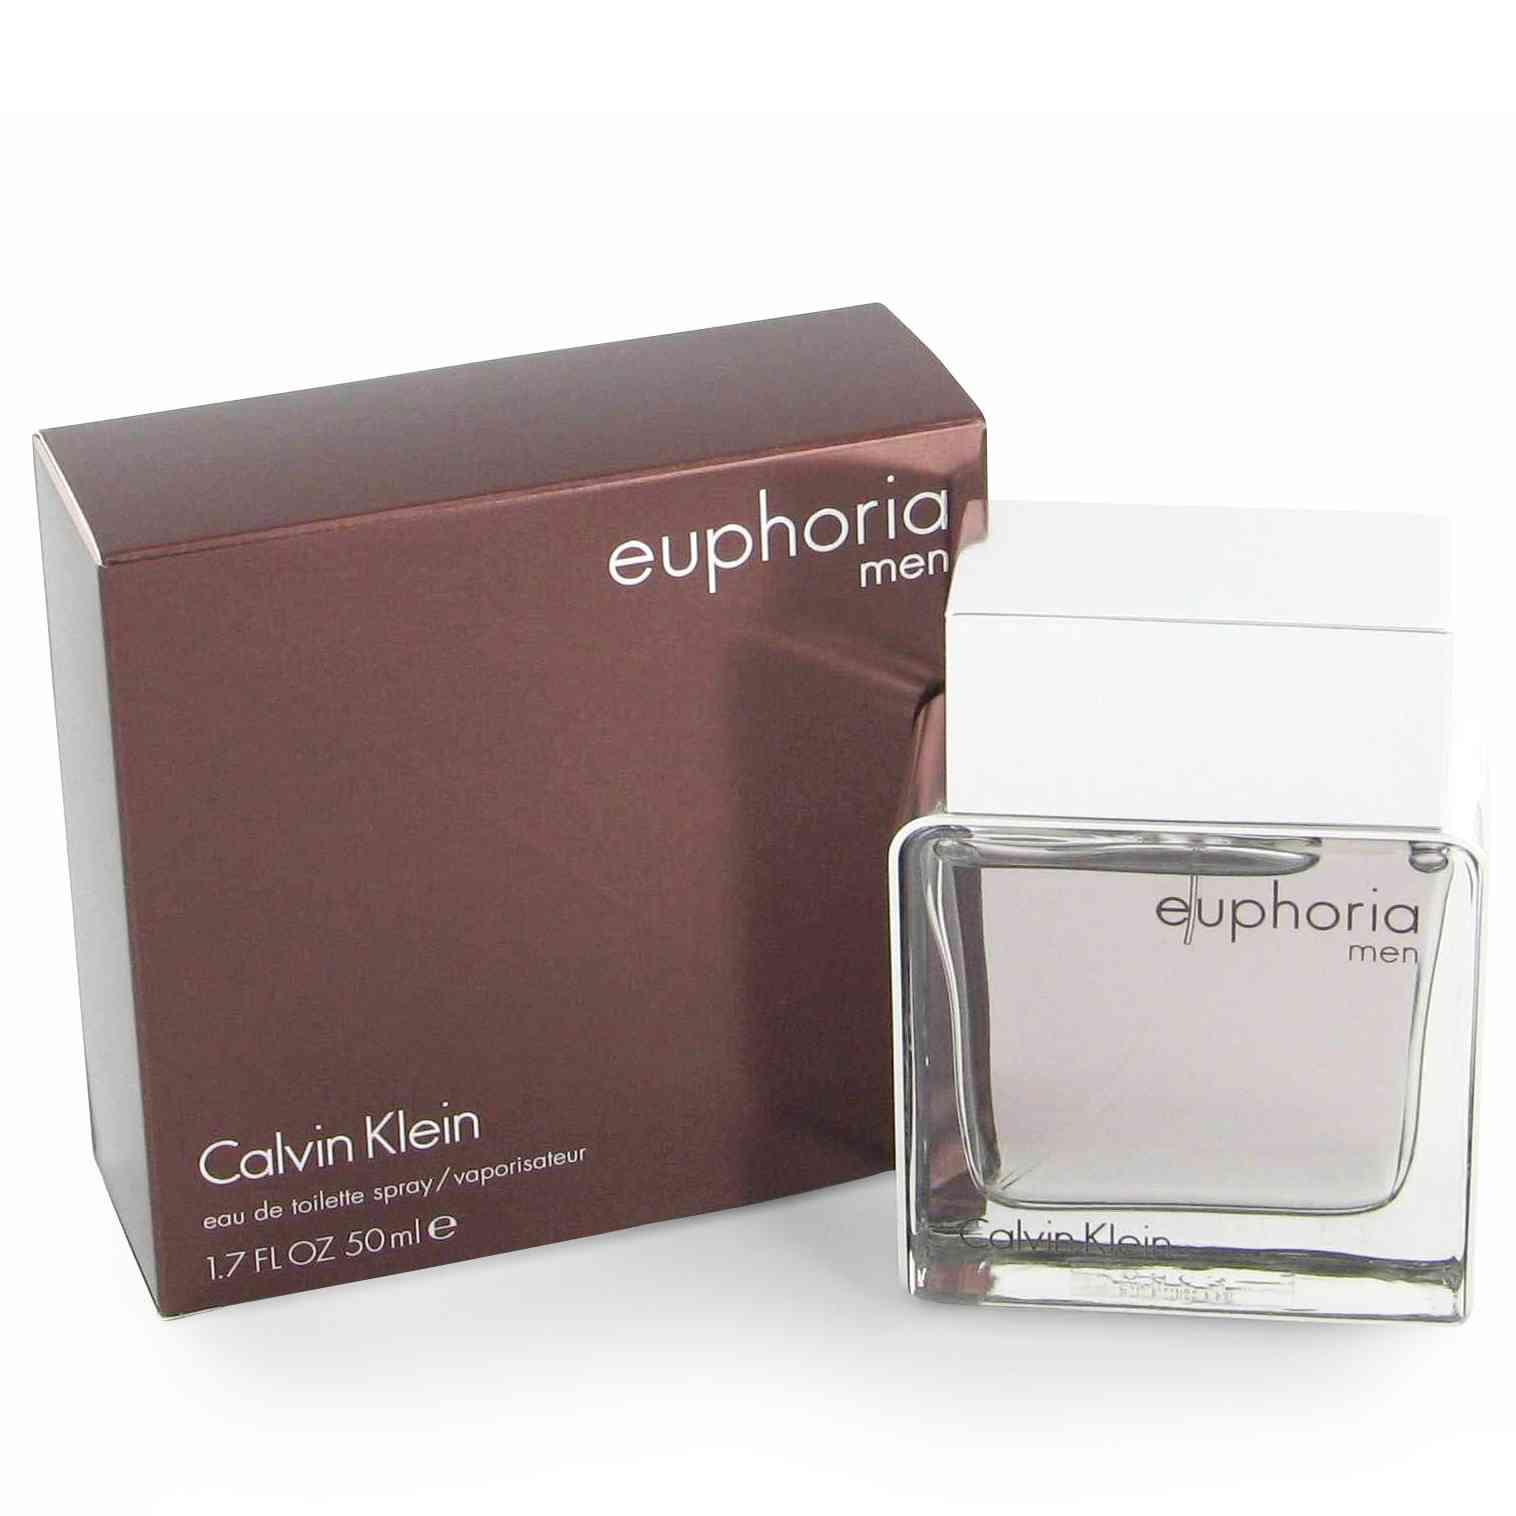 euphoria - photo #38